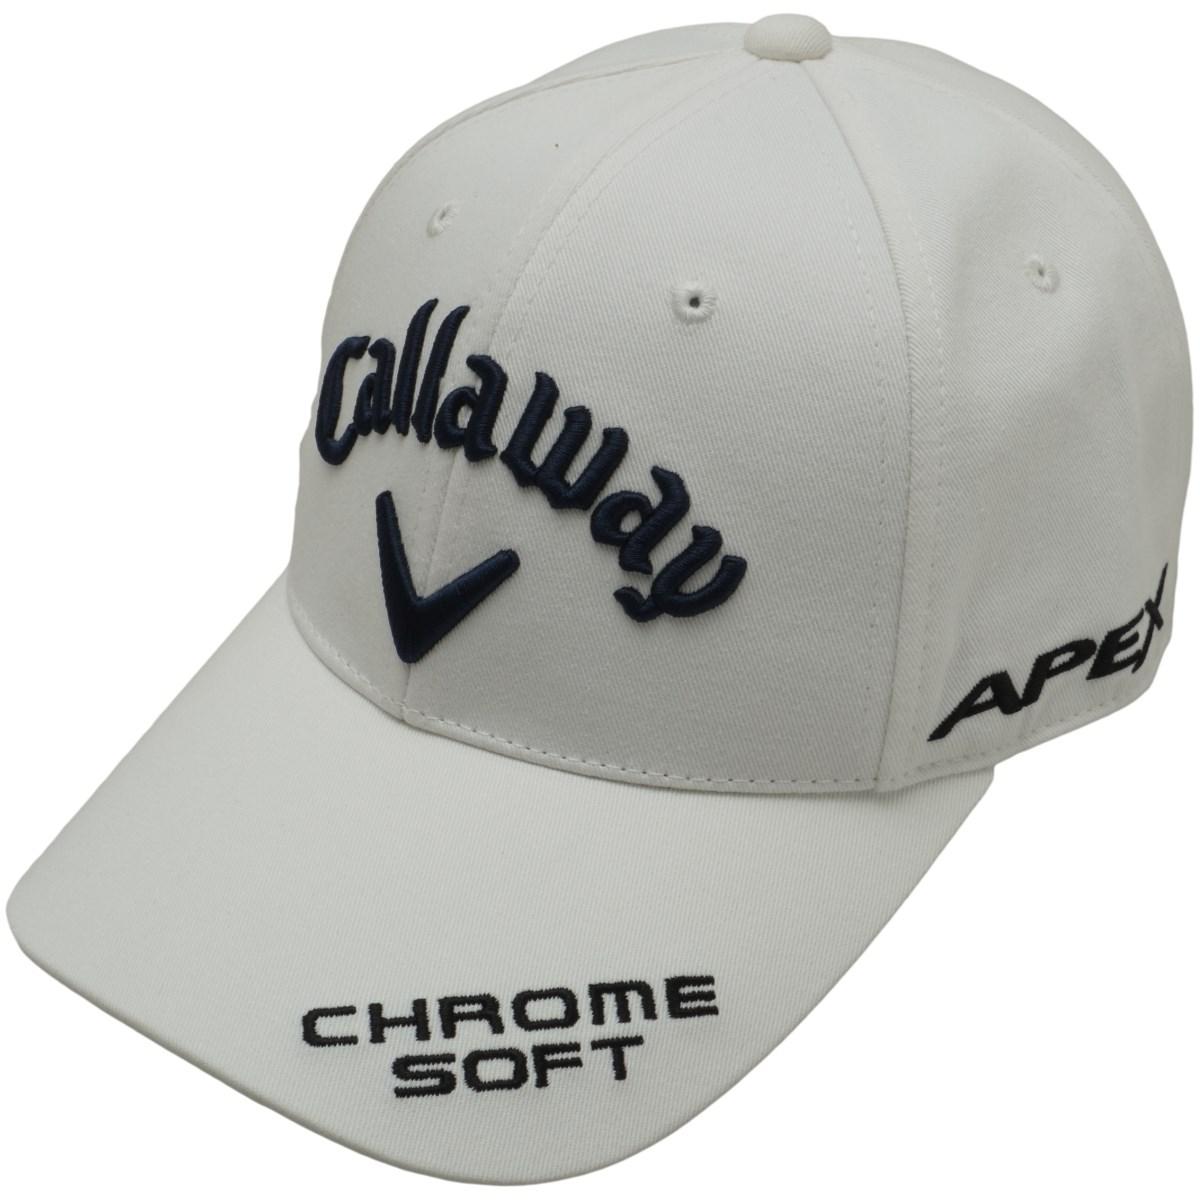 キャロウェイゴルフ Callaway Golf ツアーキャップ フリー ホワイト/ネイビー 030 レディス